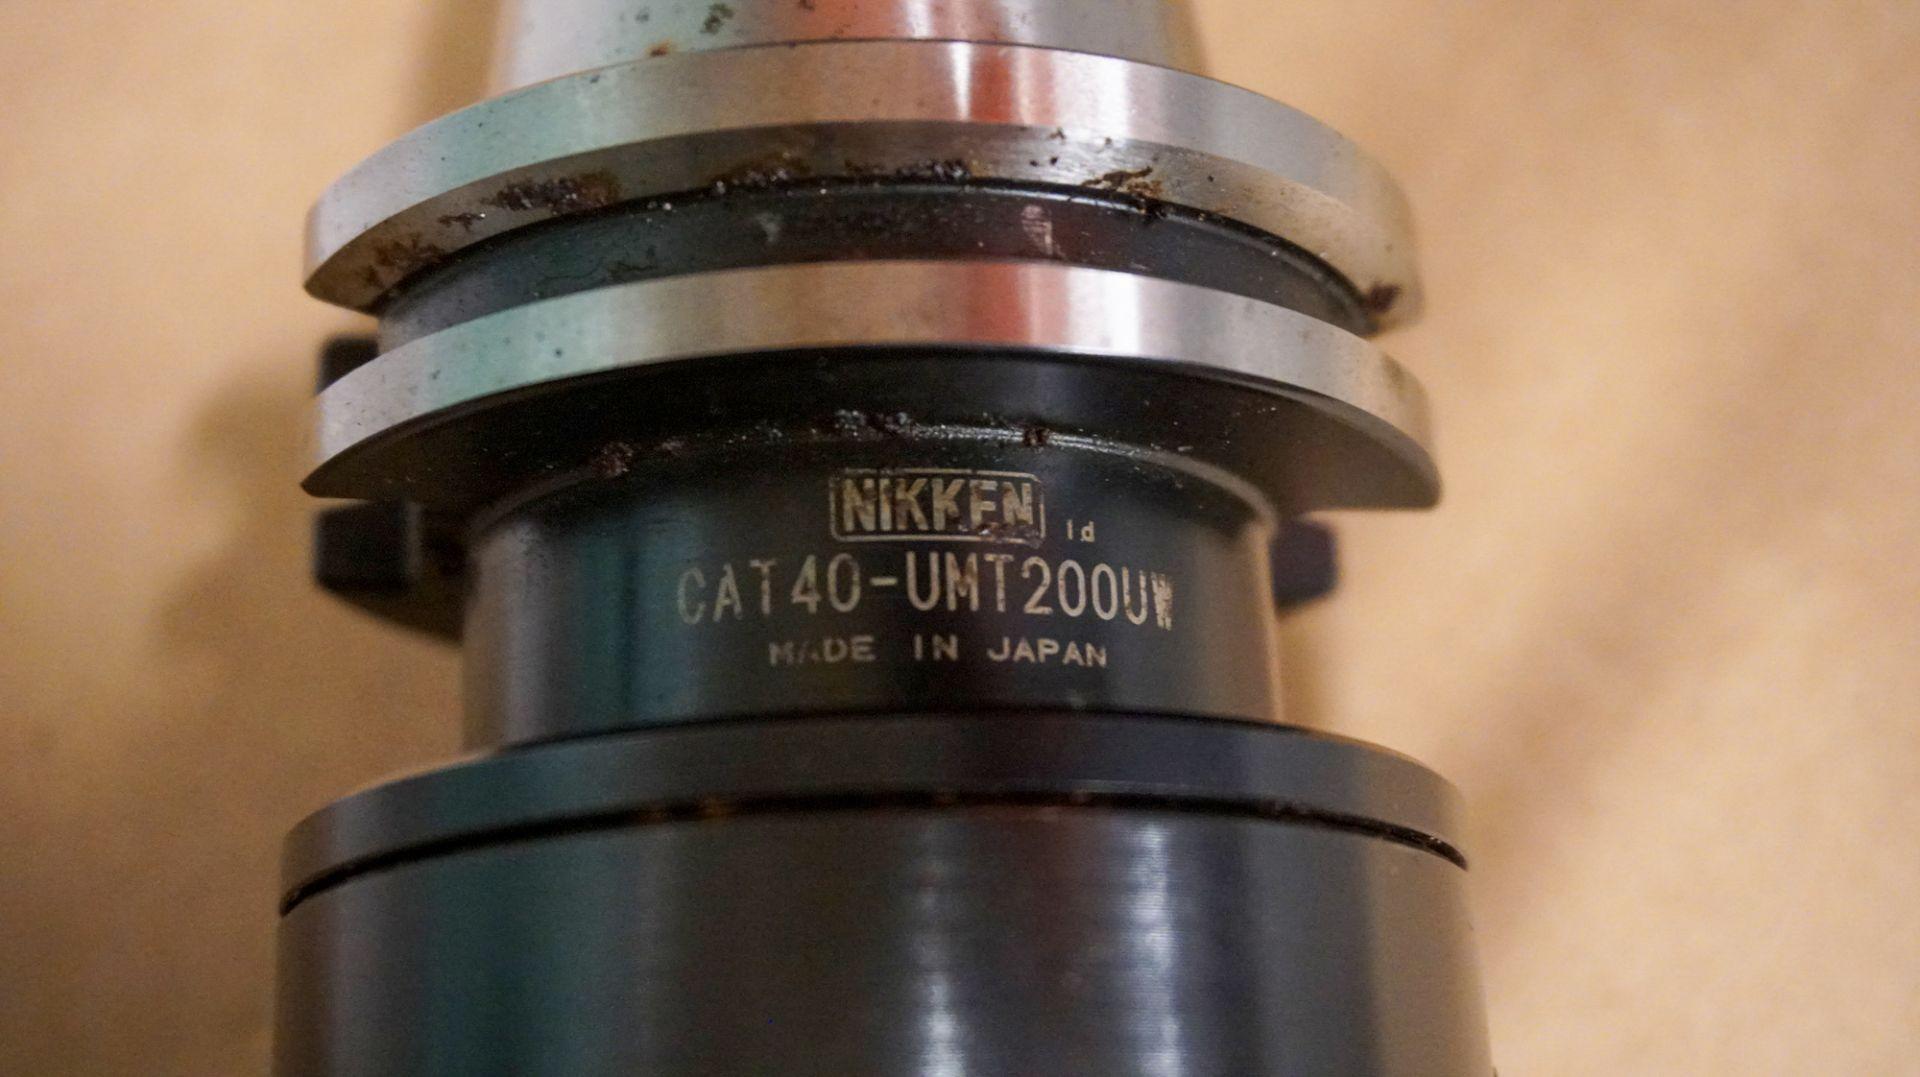 NIKKEN CAT 40-UMT200U OFFSET TOUCH PROBE - Image 2 of 2